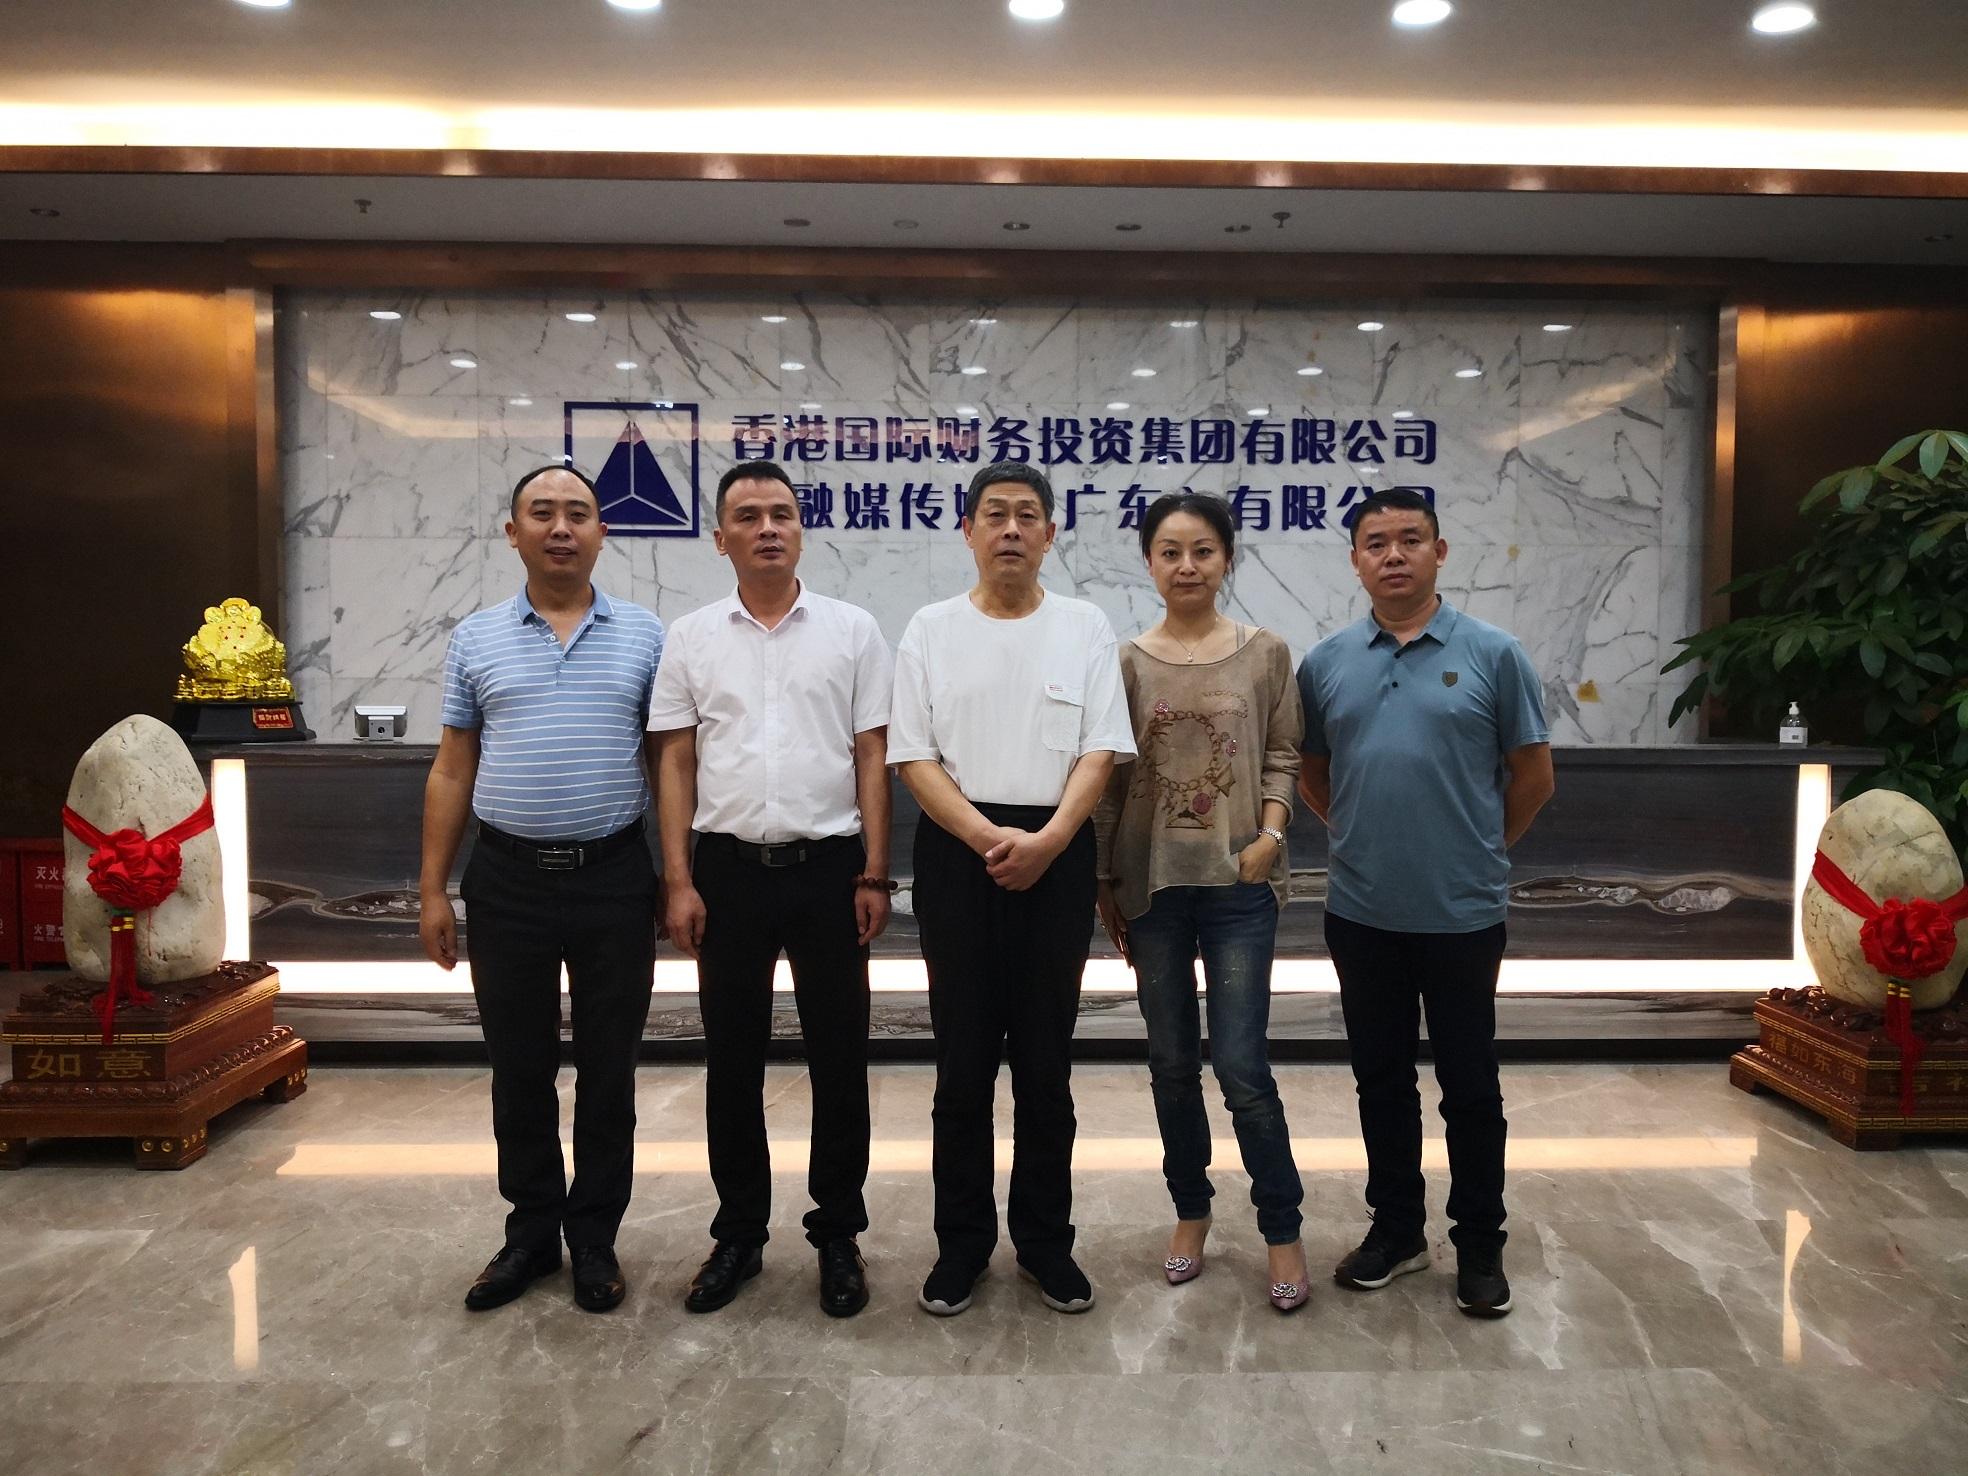 官网媒传媒将进驻杭州